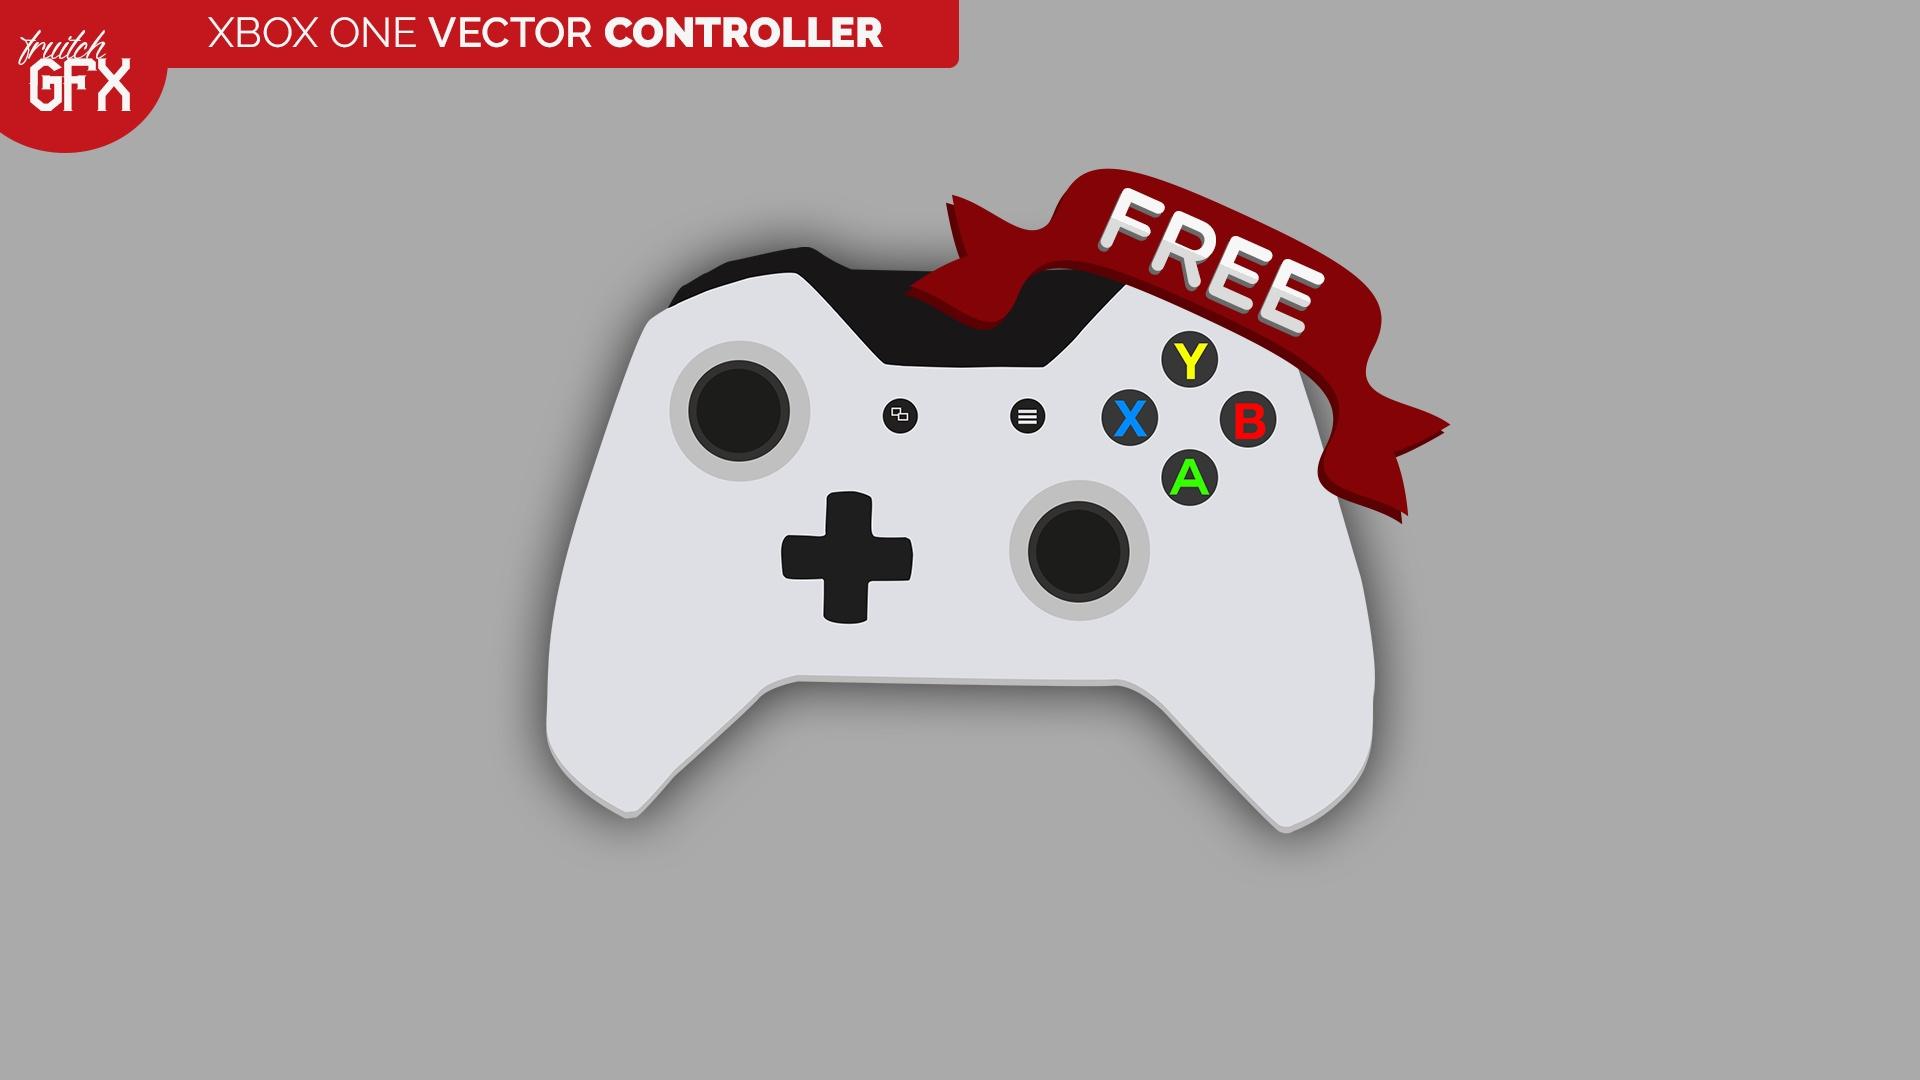 1920x1080 Xbox One 2d Vector Controller